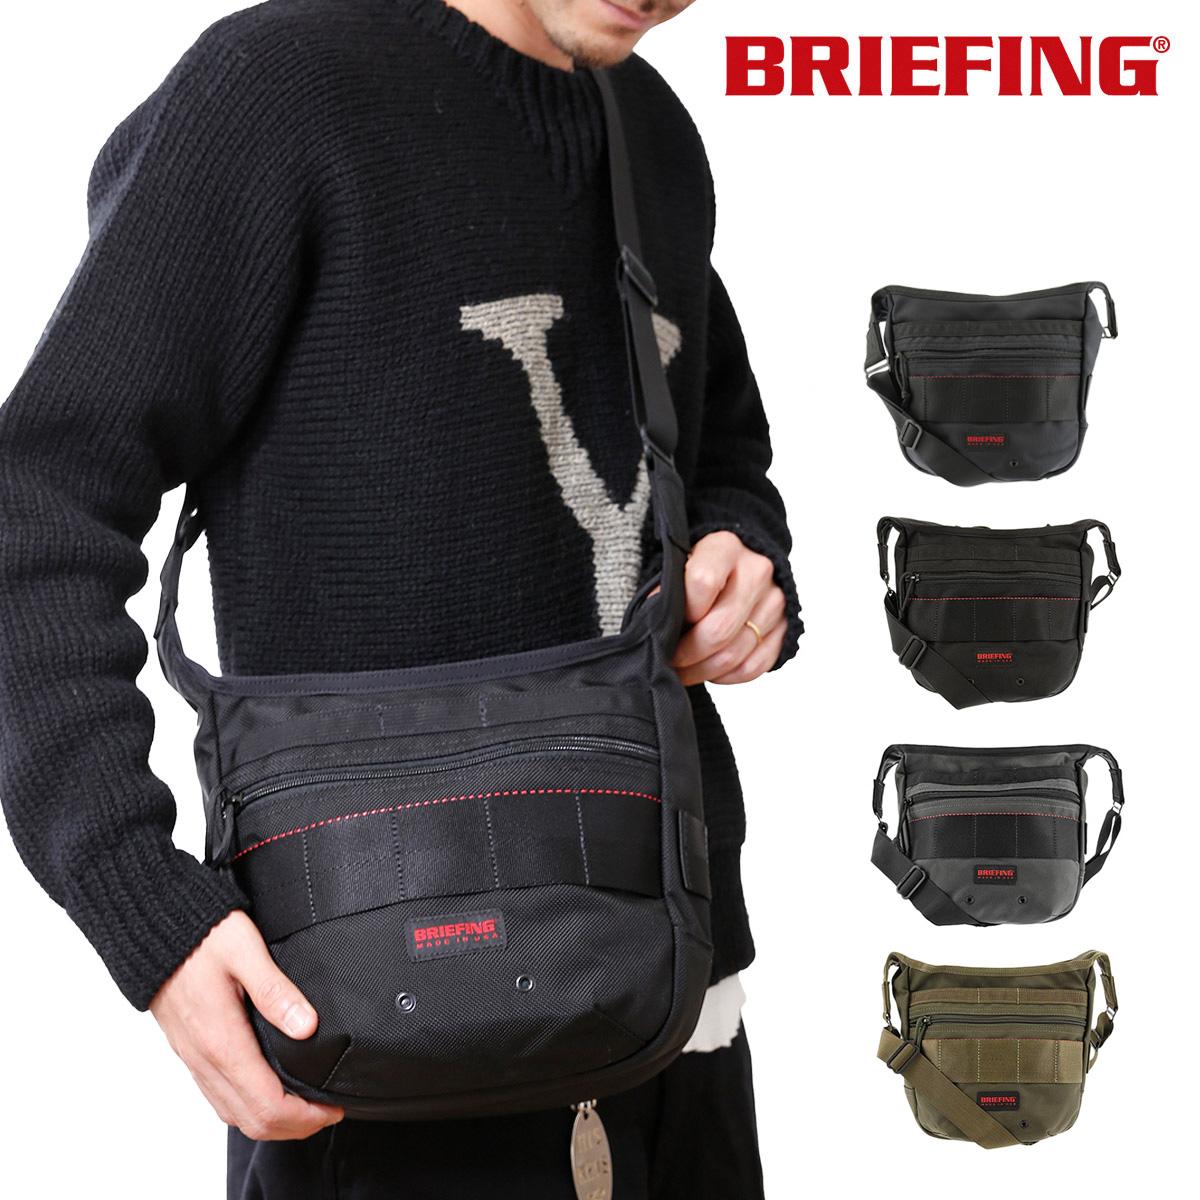 ブリーフィング ショルダーバッグ USA メンズ BRF105219 BRIEFING   軽量コンパクト ナイロン[bef][PO10][即日発送]